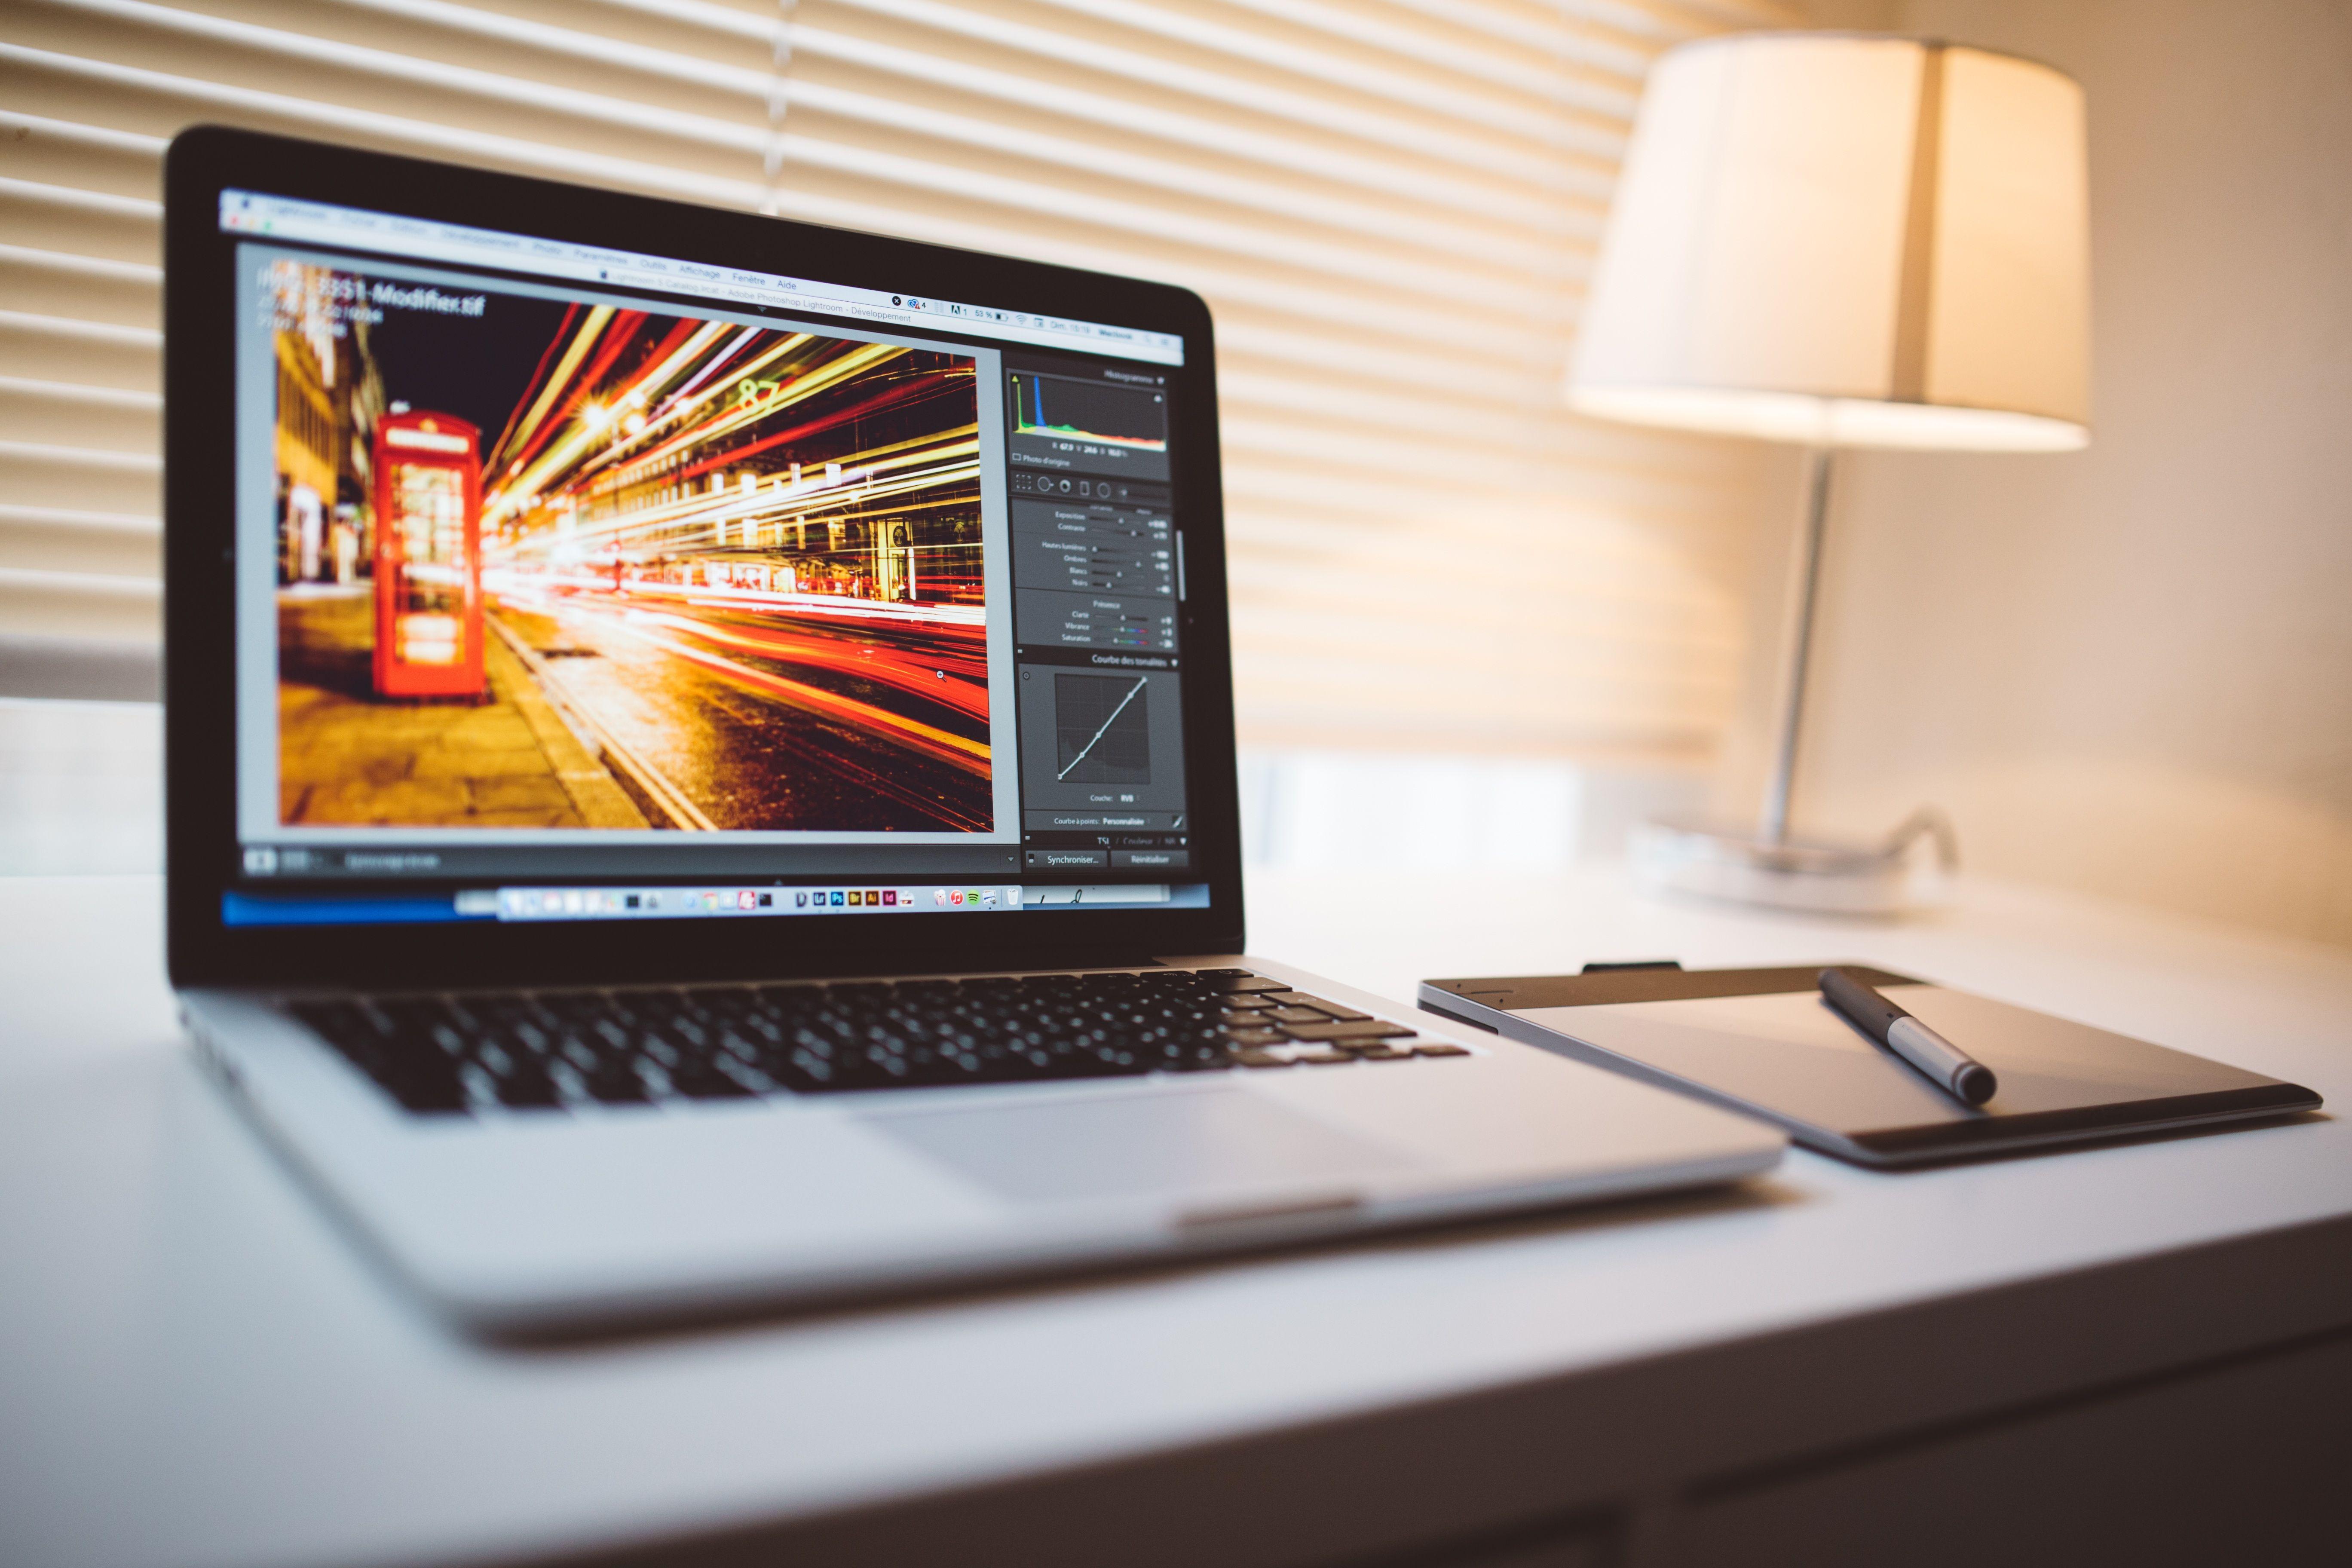 можно бесконечности, лучший ноутбук для работы с фотографией мультиварке рецепт это